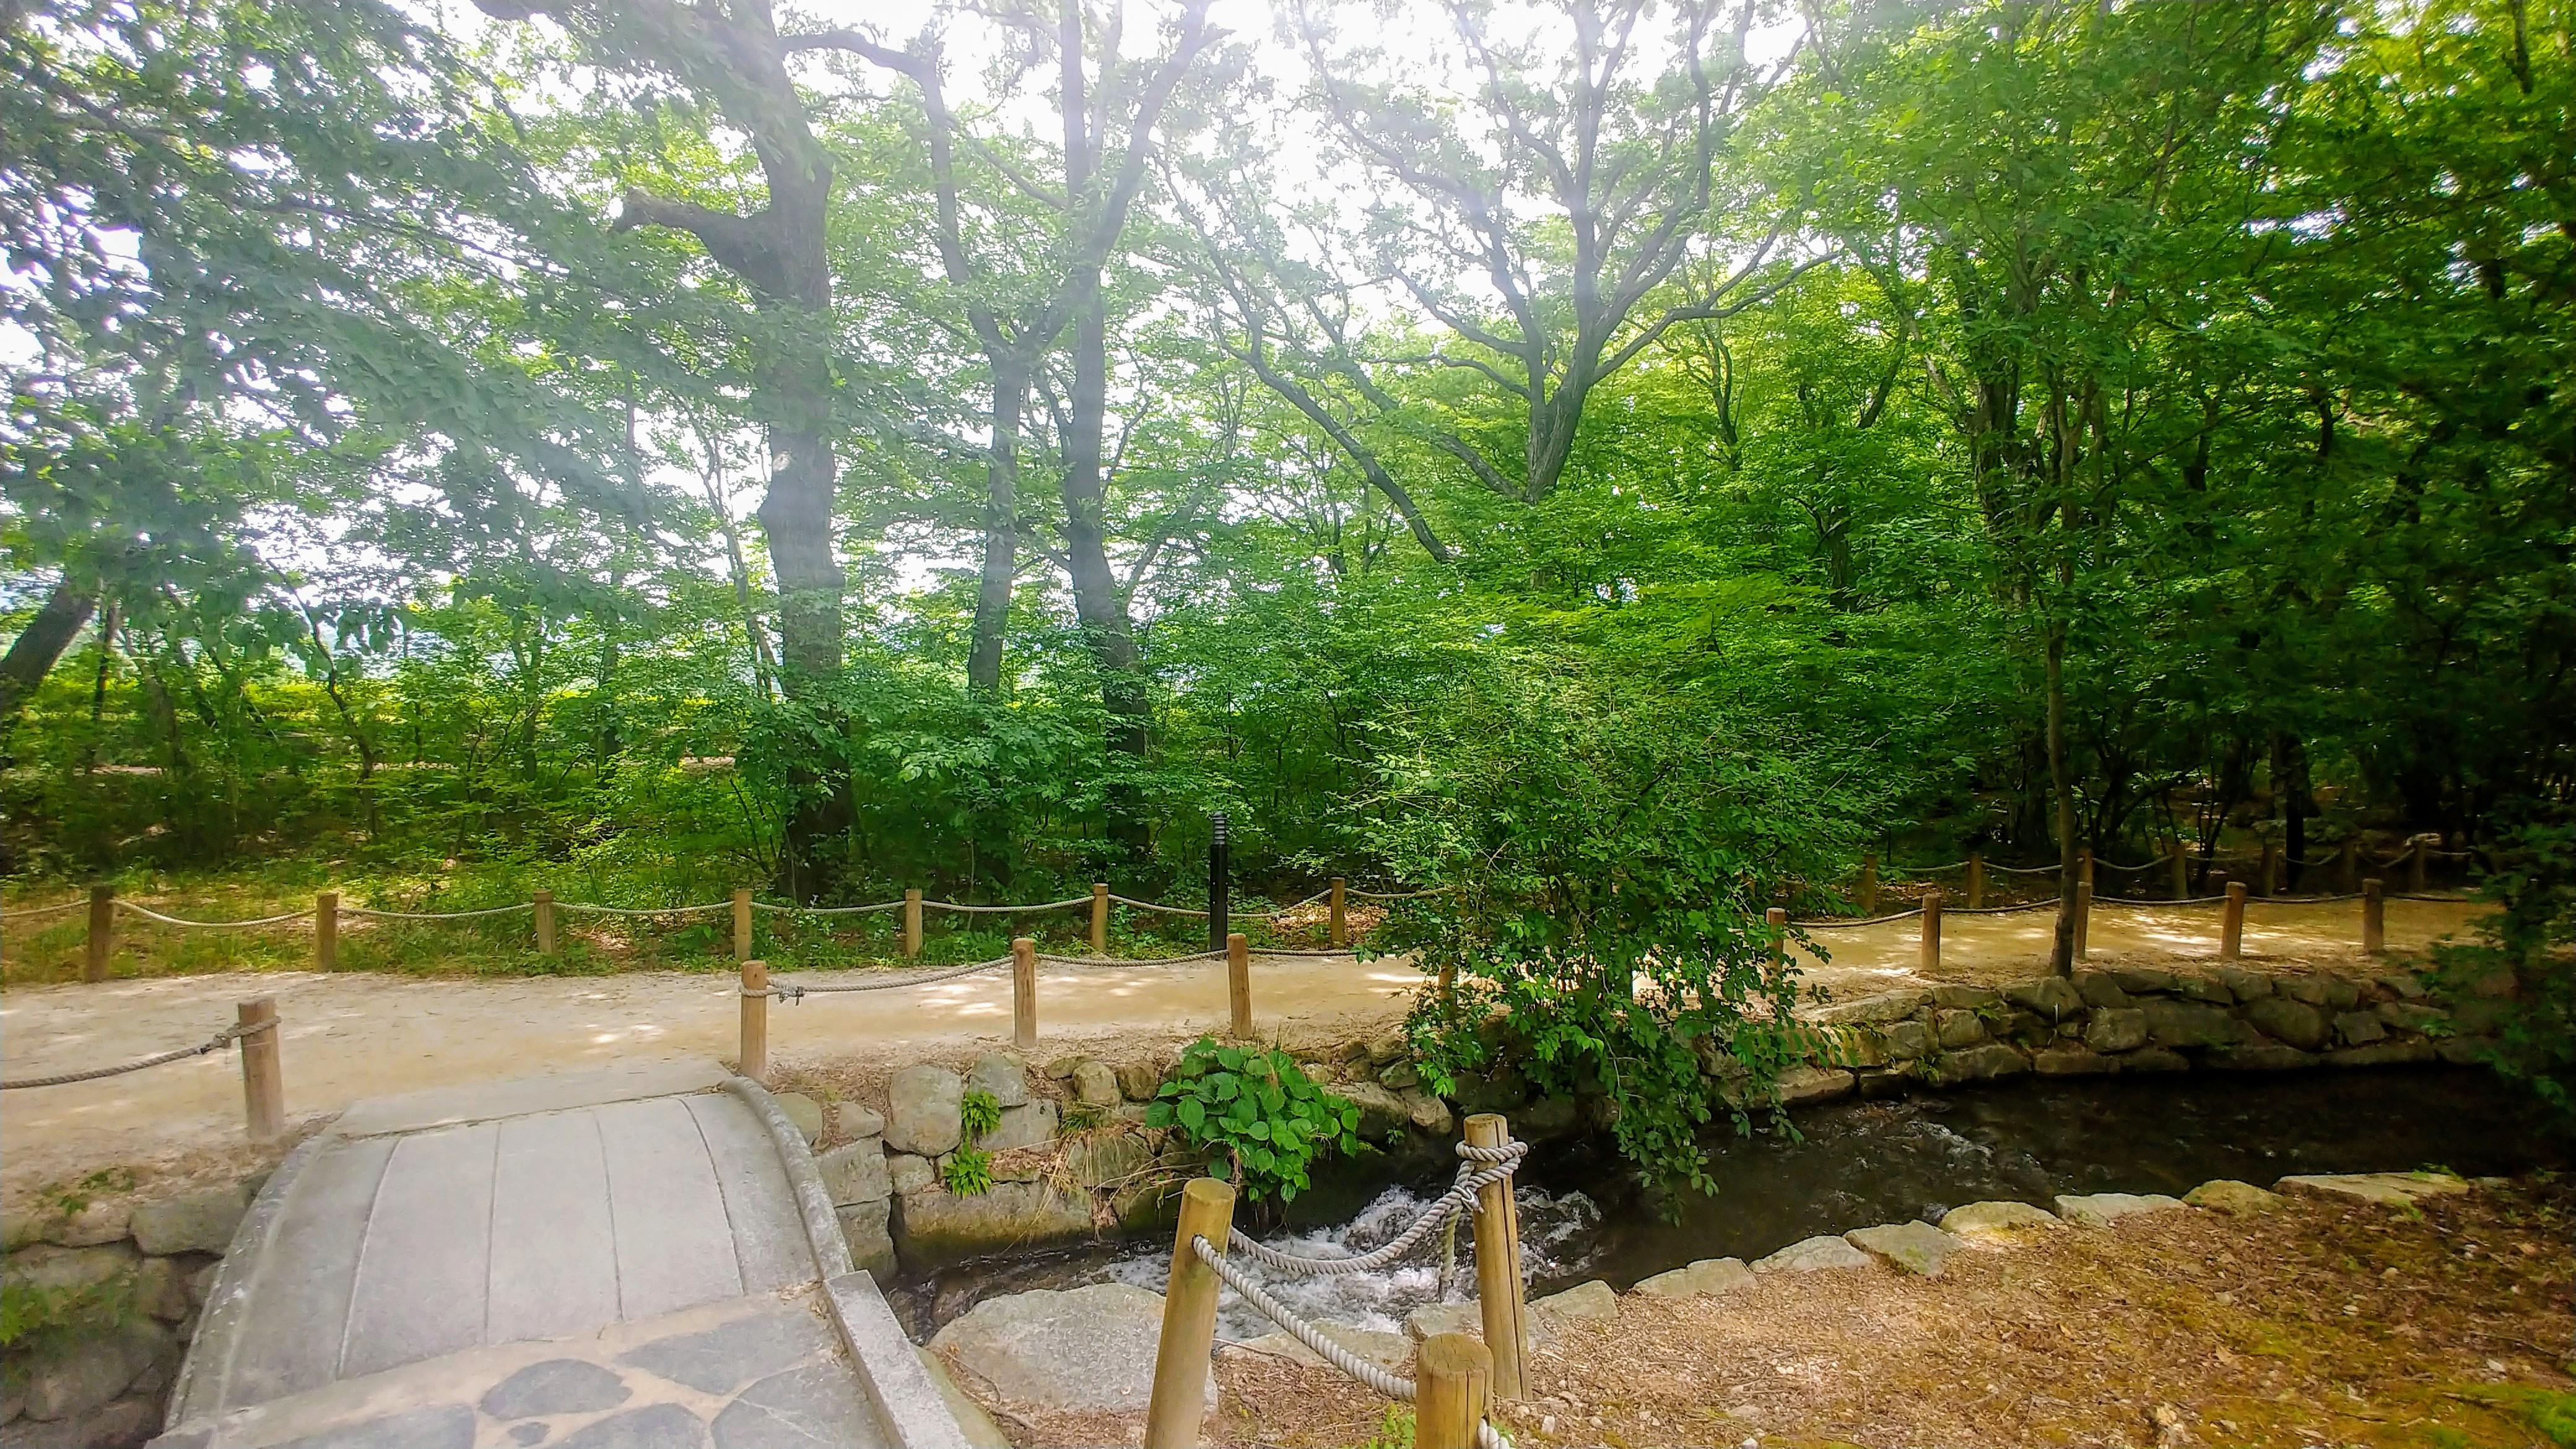 [행복찾기] 함양 상림공원 나들이 풍경